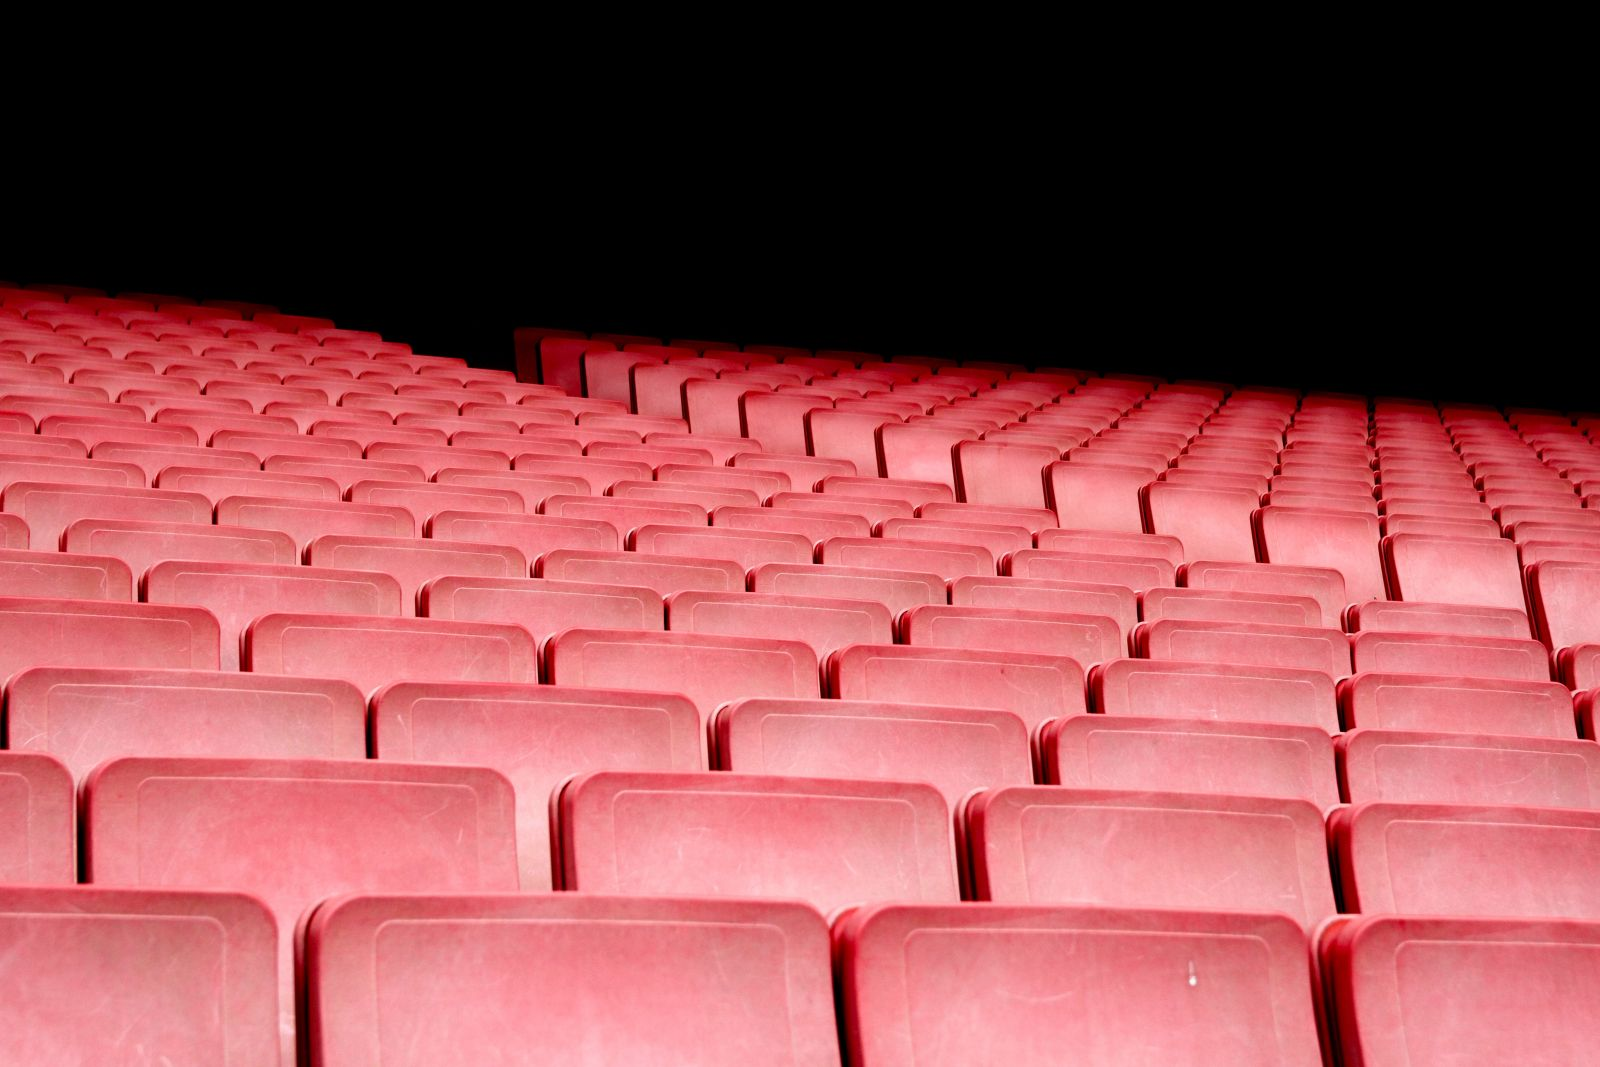 """Kino Lumiére Slovenského filmového ústavu (SFÚ) počas aktuálneho lockdownu rozšírilo program svojej virtuálnej kinosály v Kine doma. """"Filmy uvádza denne okrem pondelka, trikrát do týždňa premieta pre deti a pripravený má aj program na posledný deň roka,"""" informovala o tom TASR Simona Nôtová, tlačová tajomníčka SFÚ."""